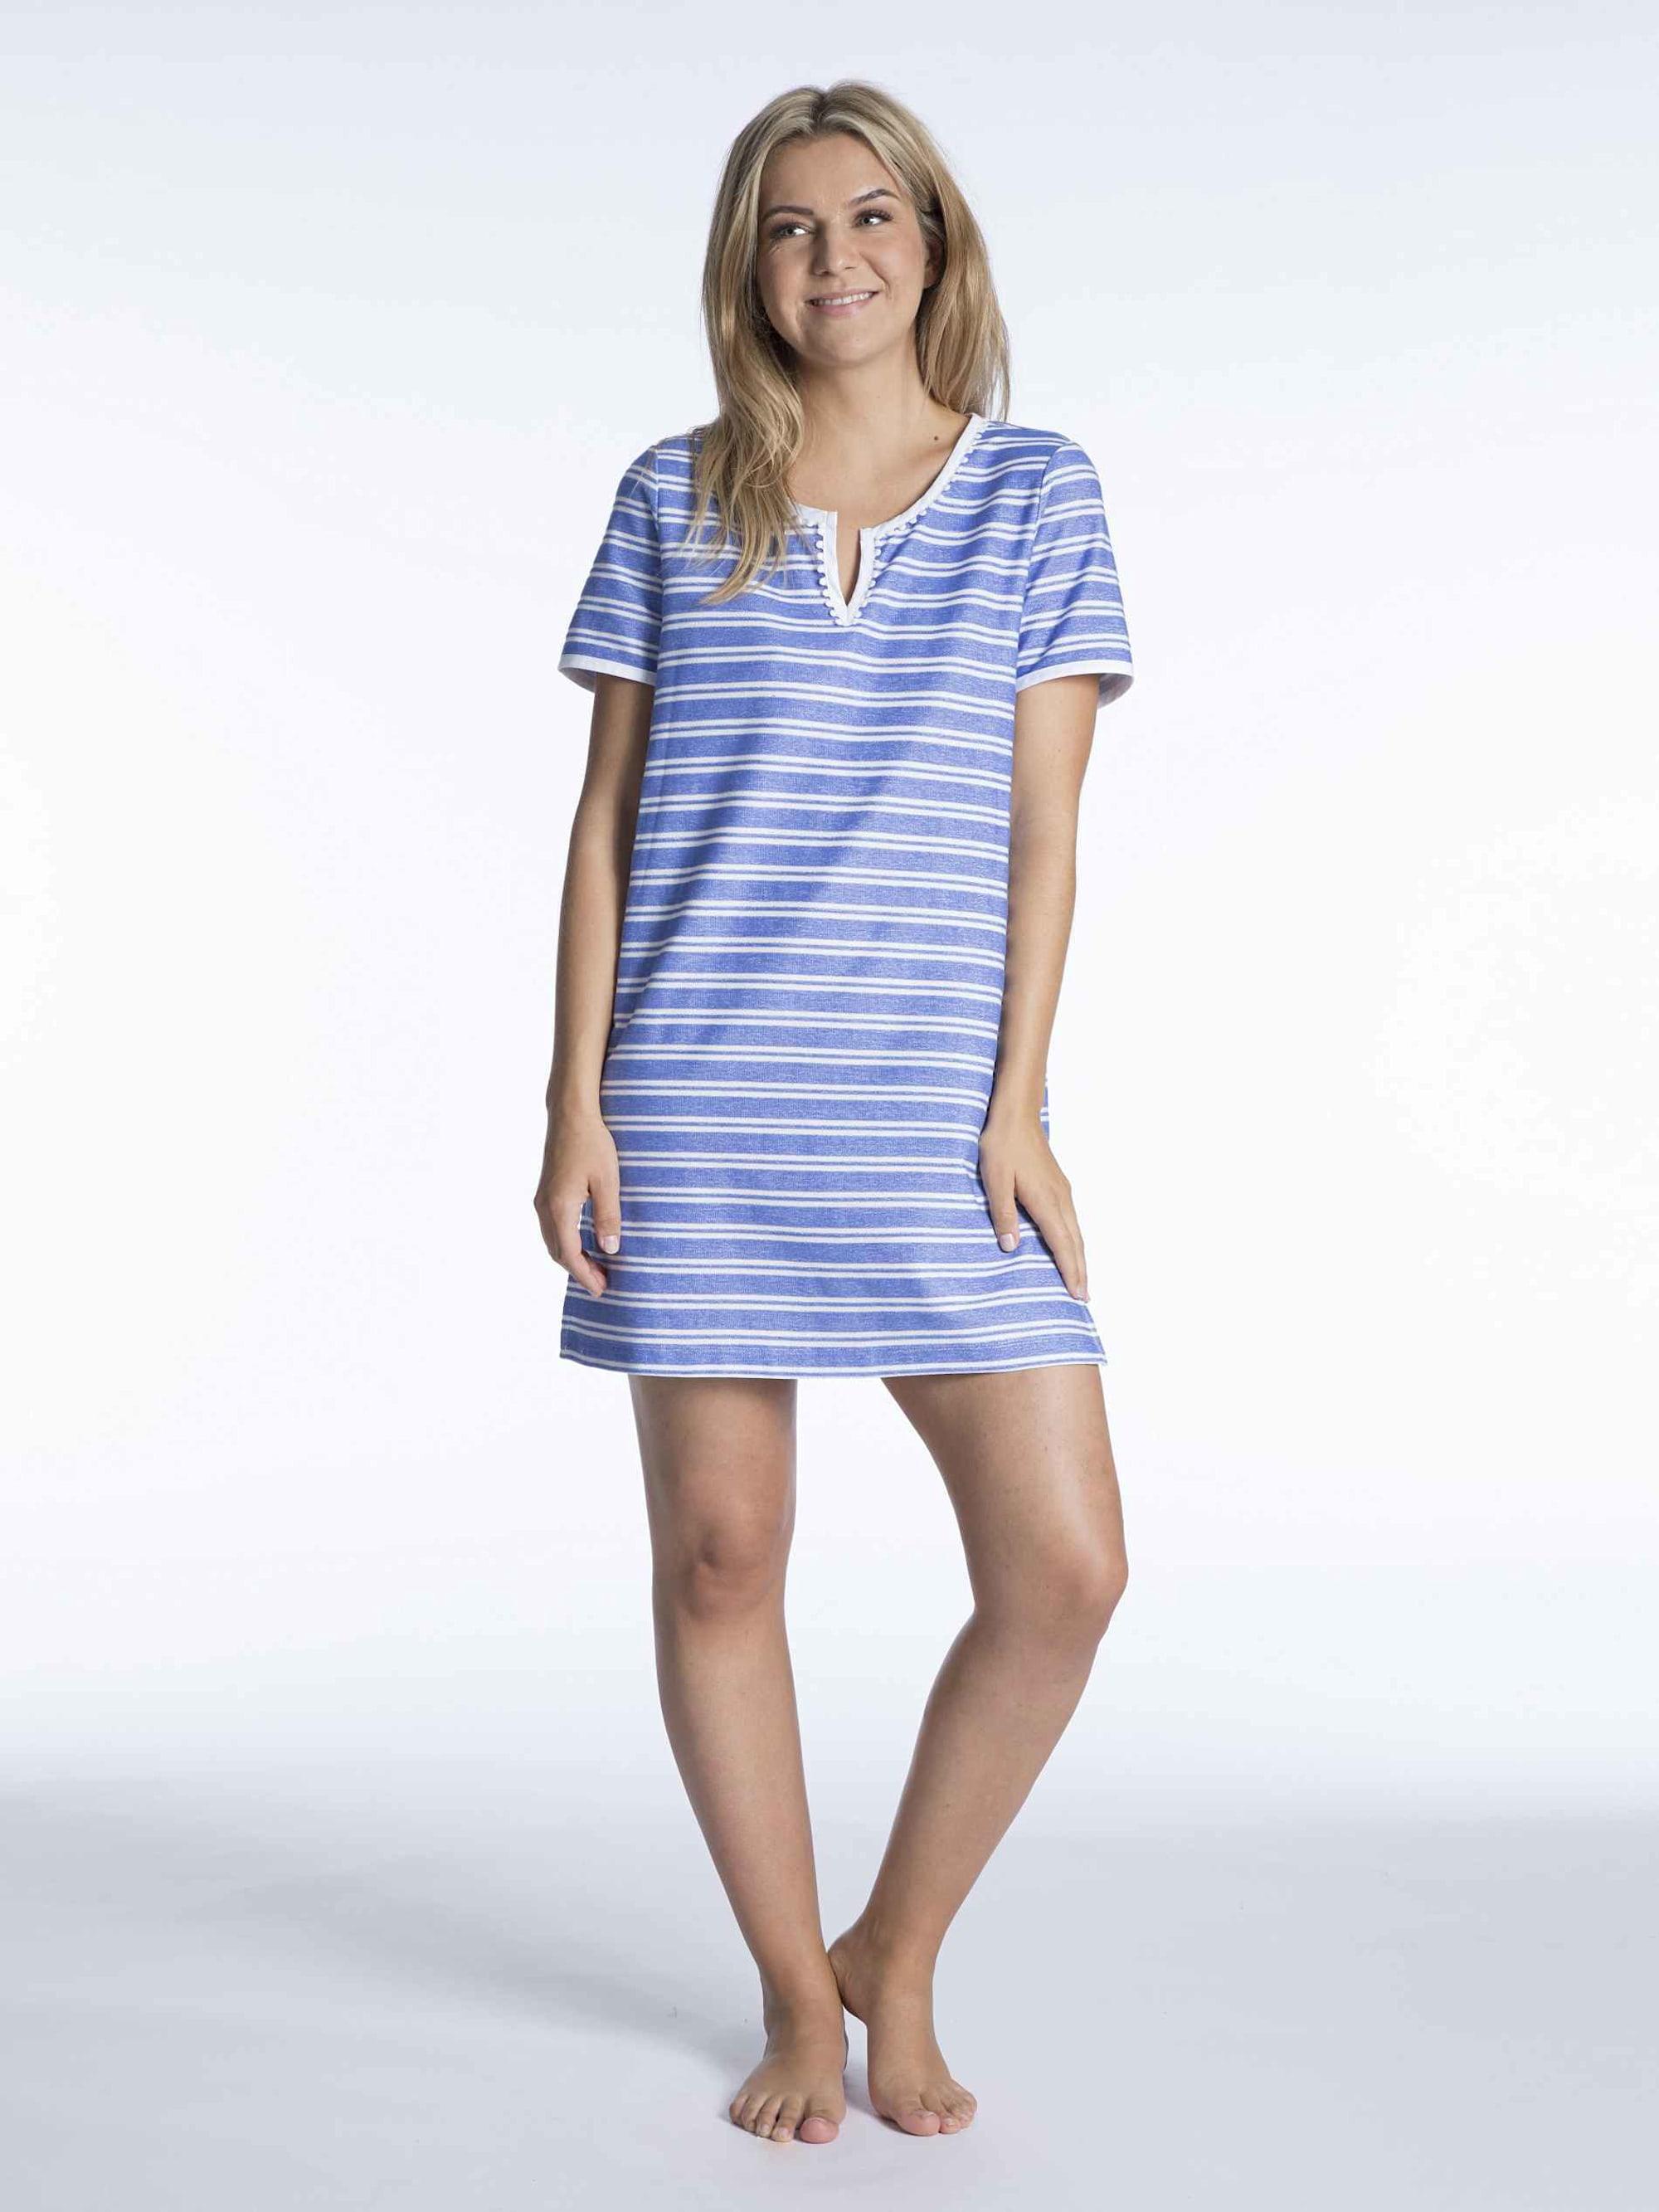 Taubert Strandkleid aus French Terry, Länge 85cm Ökotex zertifziert JopKO y9iZA